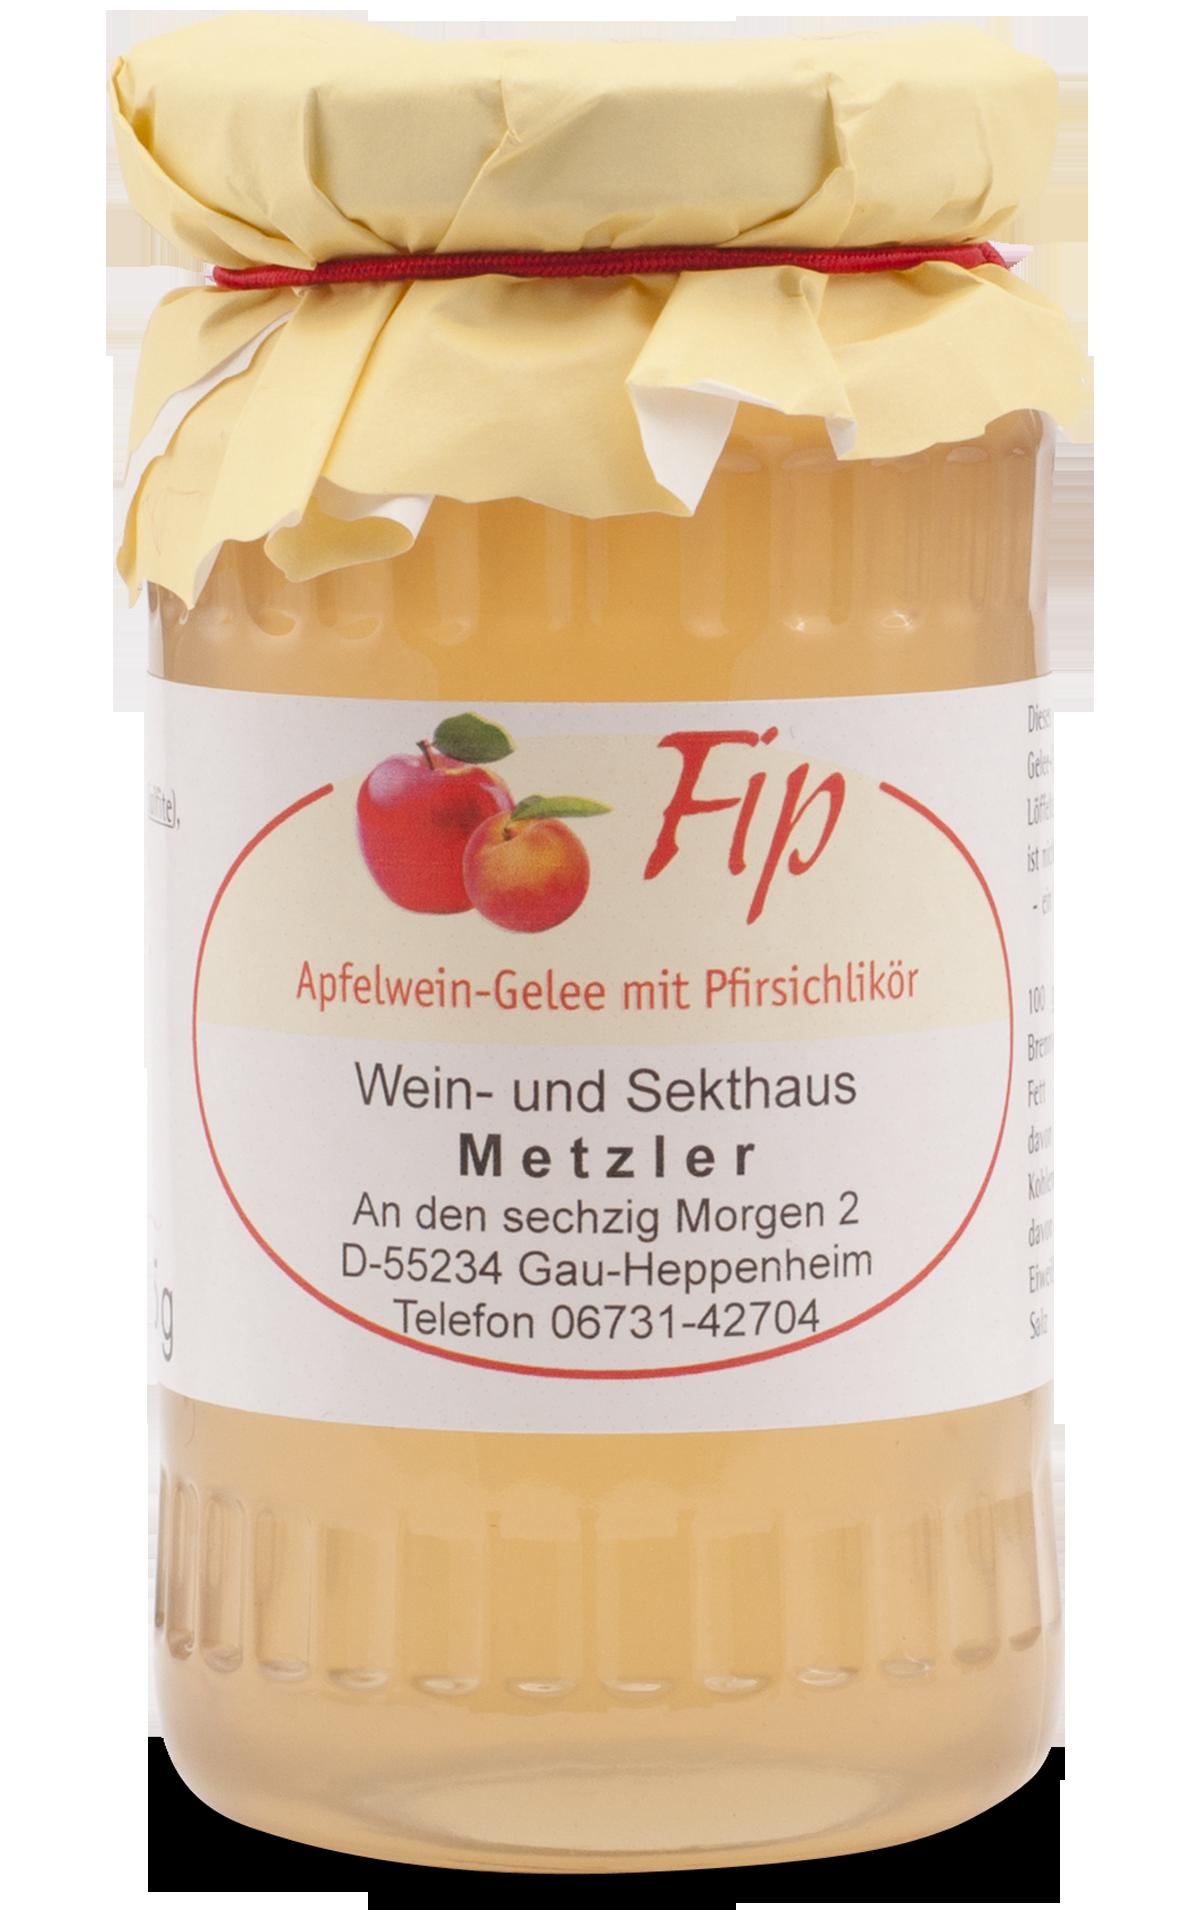 Apfelwein-Gelee mit Pfirsichlikör